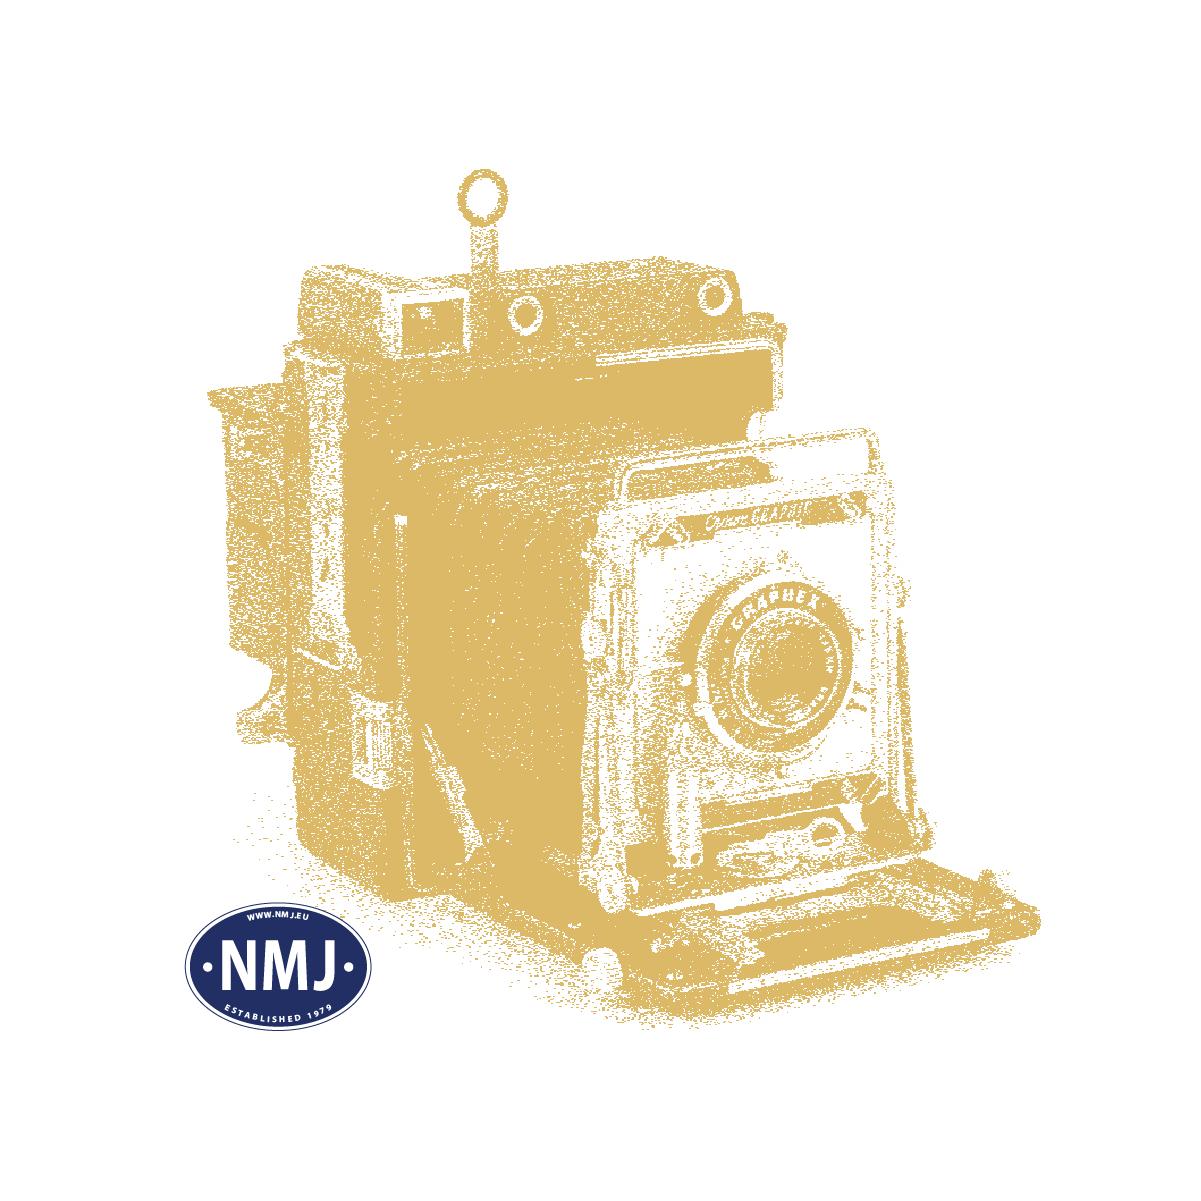 Superline Vogner, NMJ-Superline- NSB-Fbw-60300030-wood-chip-handmade-brass-model-HO, NMJSFb0003